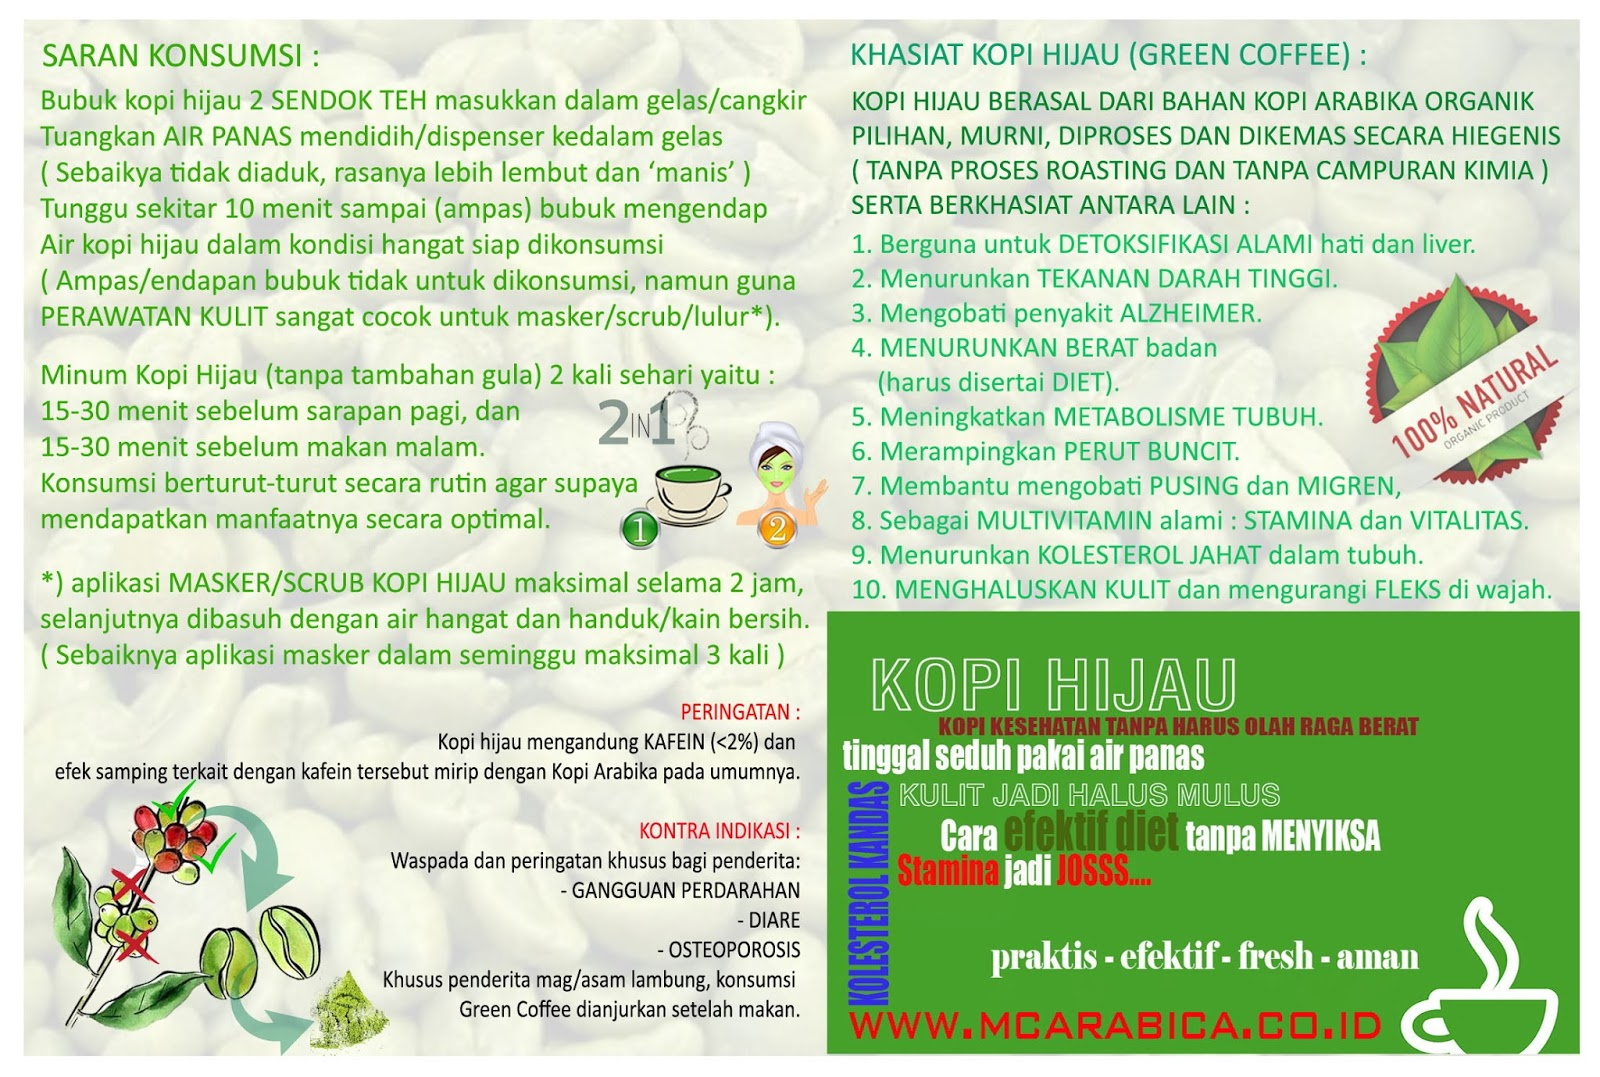 Harga Kopi Hijau Kopiku Green Coffee Siap Minum Cuma Rp 60 Ribu Pack Premium Atau 80 Special 100 Kg Super Per 250gr Untuk 15